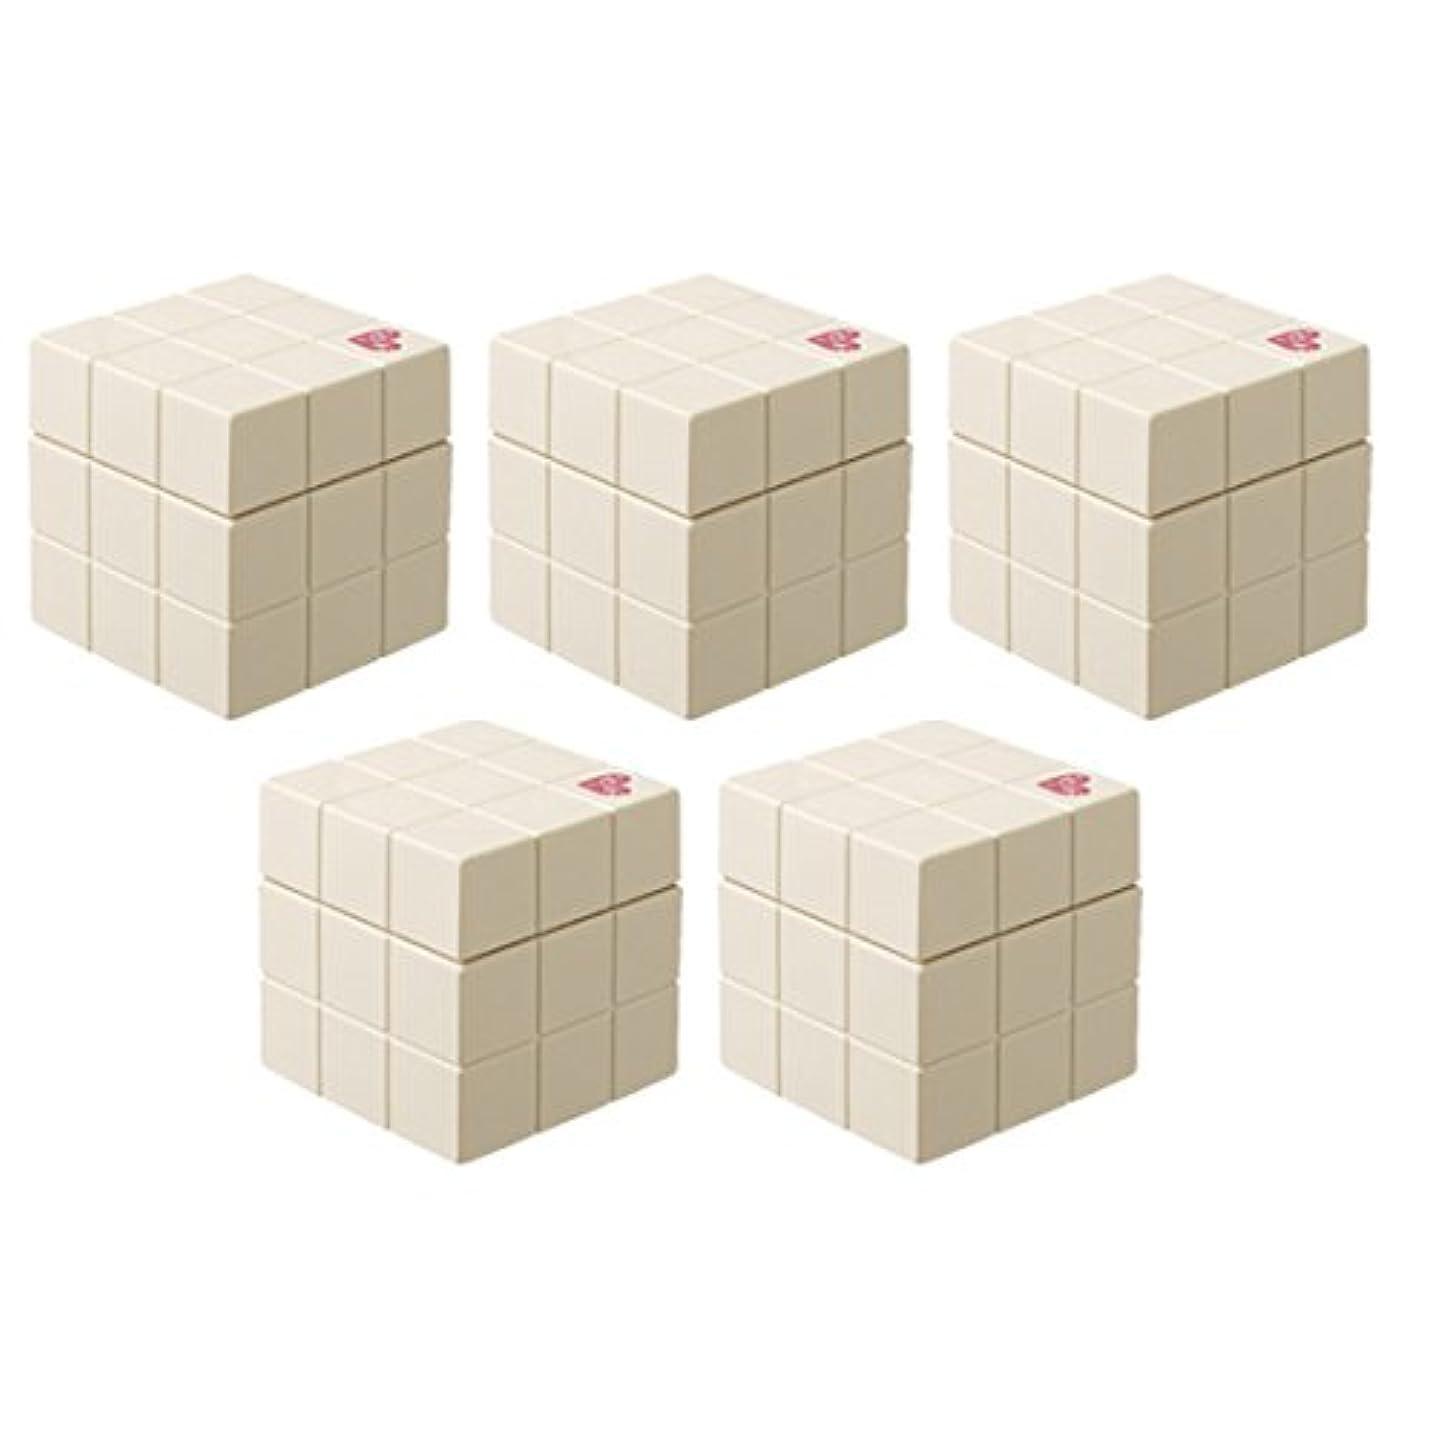 禁止する一部ニコチン【x5個セット】 アリミノ ピース プロデザインシリーズ ニュアンスワックス バニラ 80g